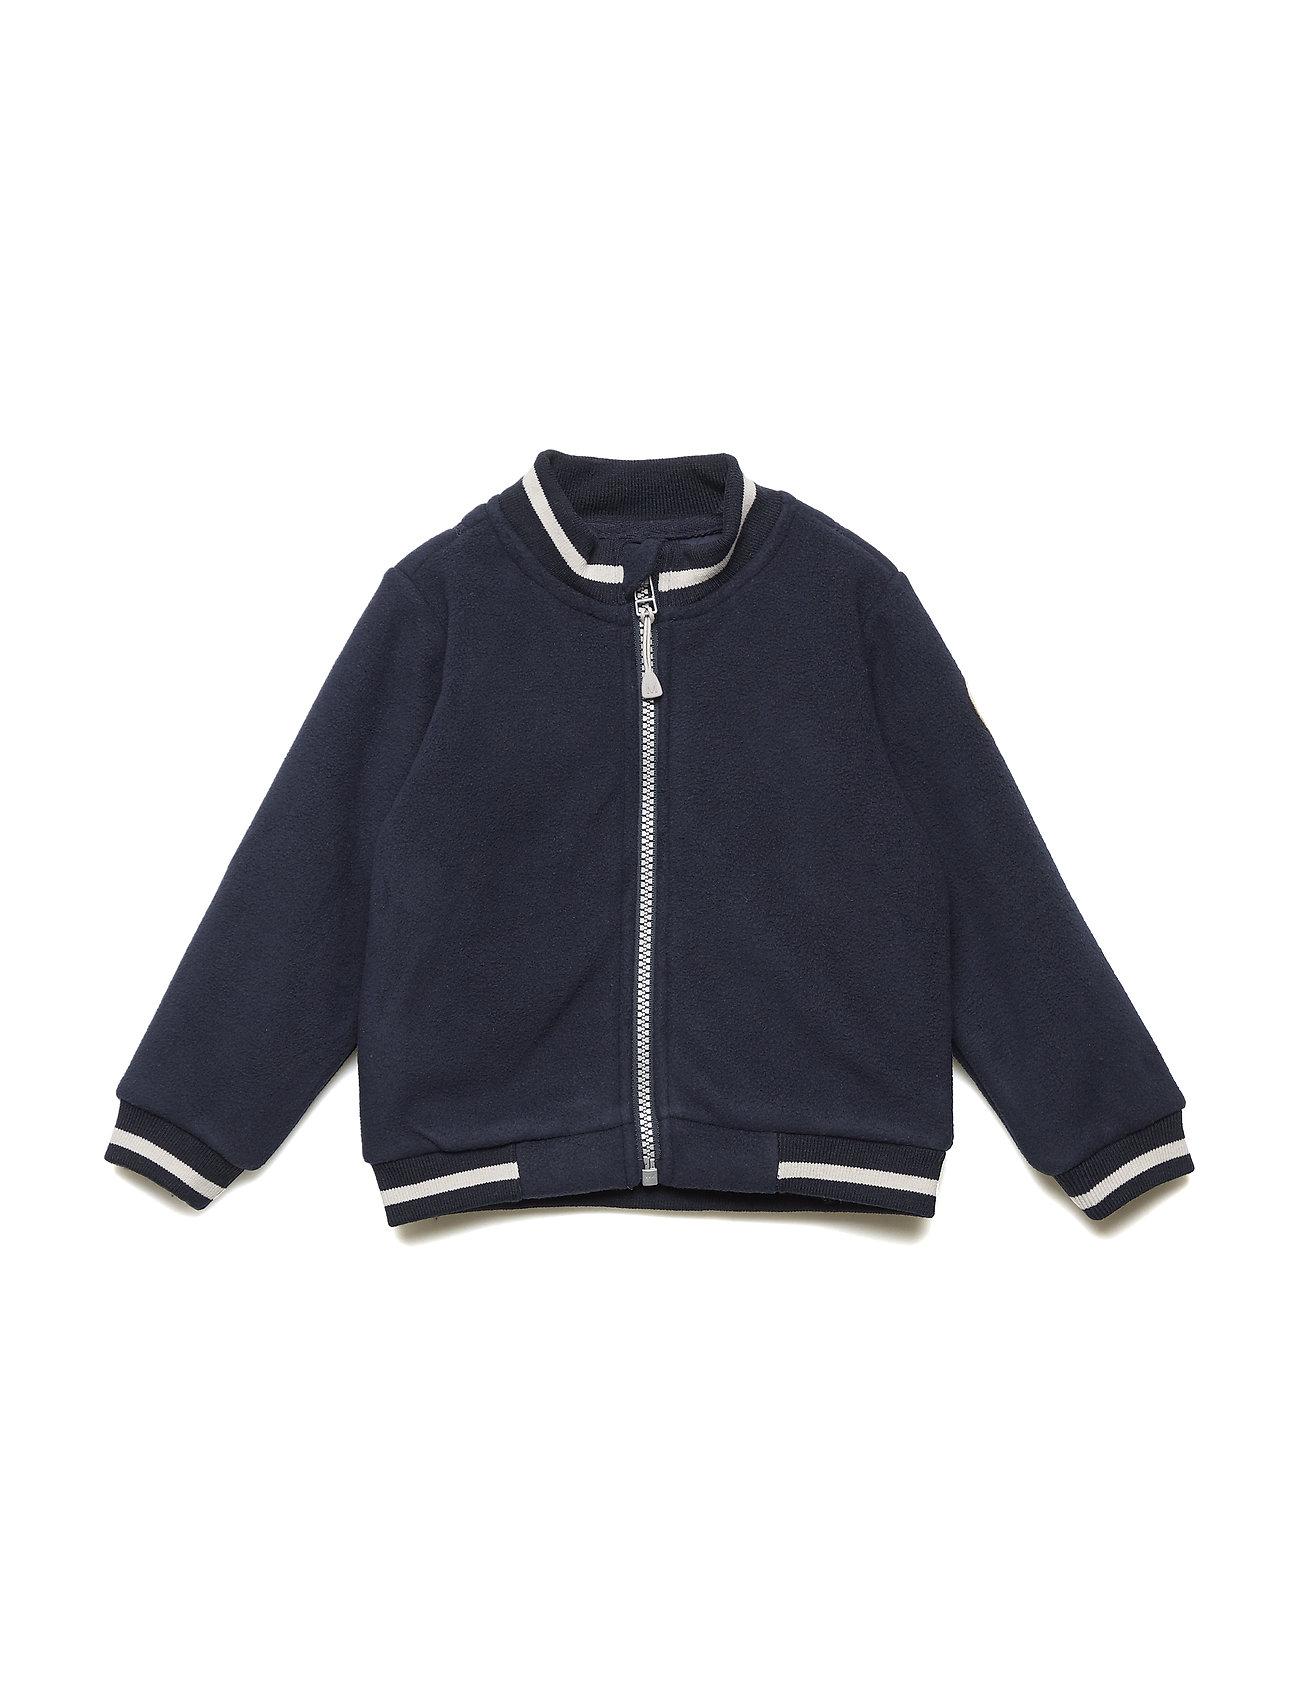 Mini A Ture Any Jacket, MK - SKY CAPTAIN BLUE